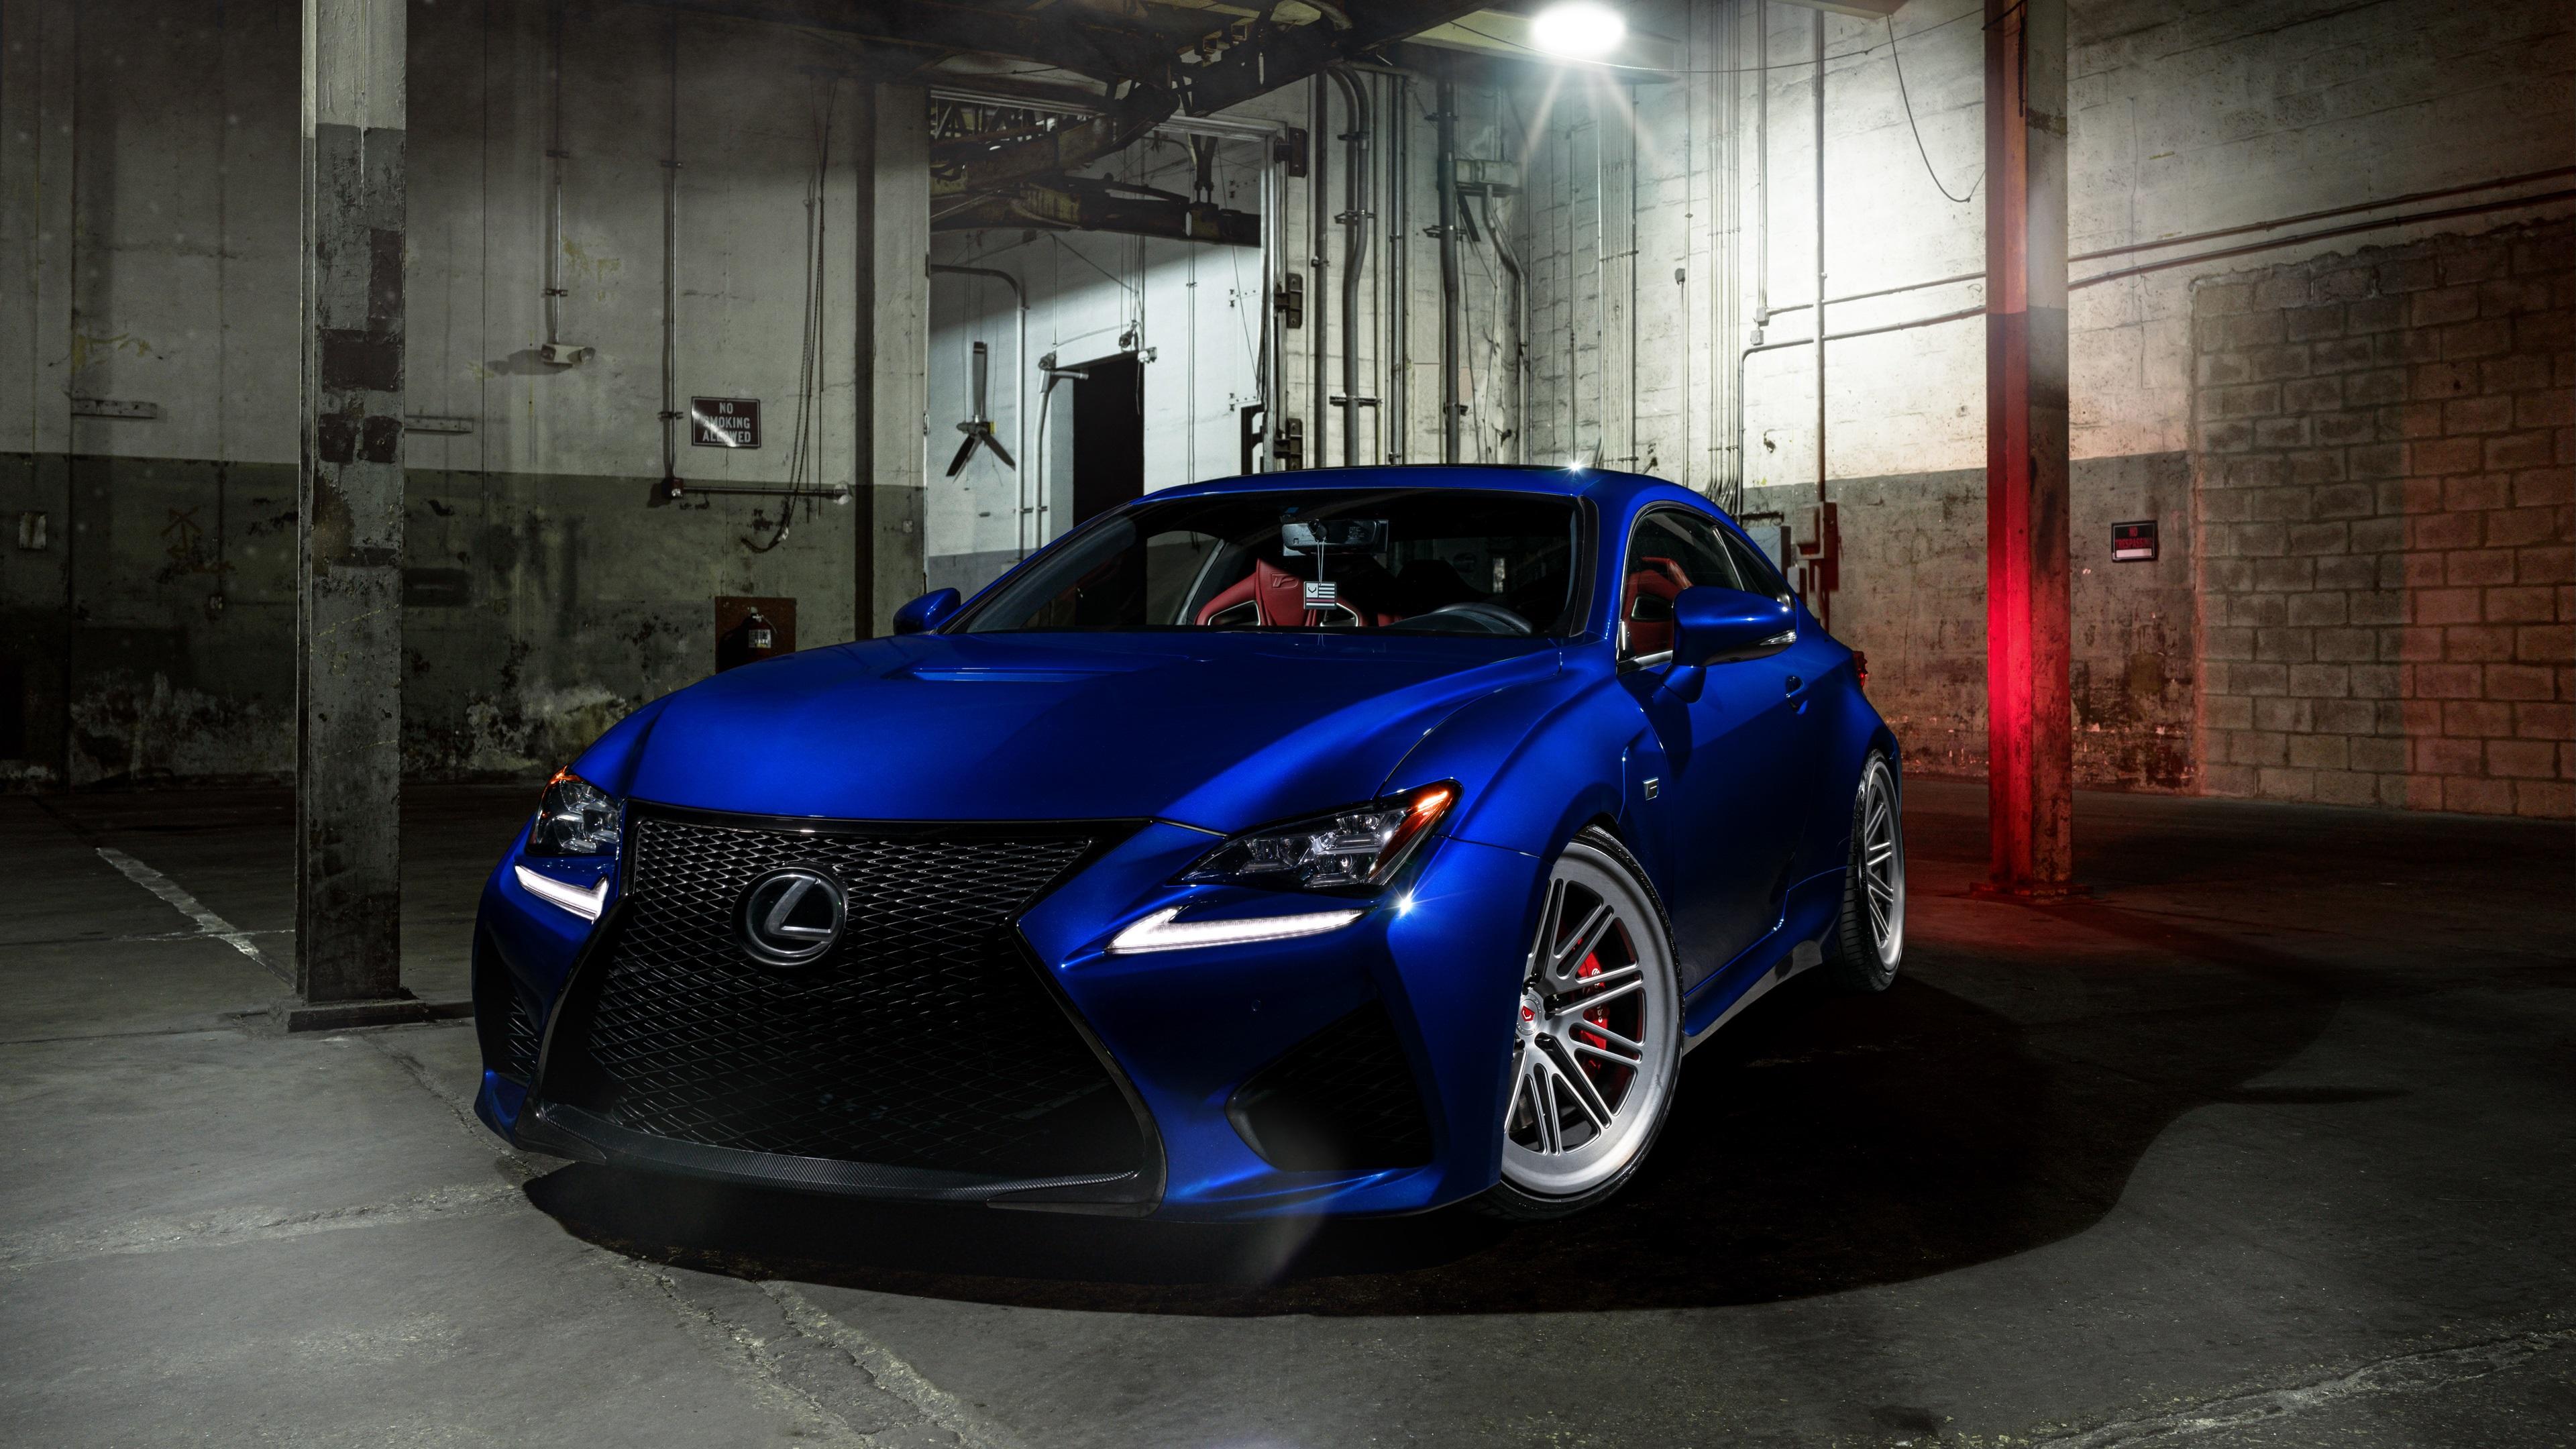 спортивный автомобиль синий Lexus LC бесплатно